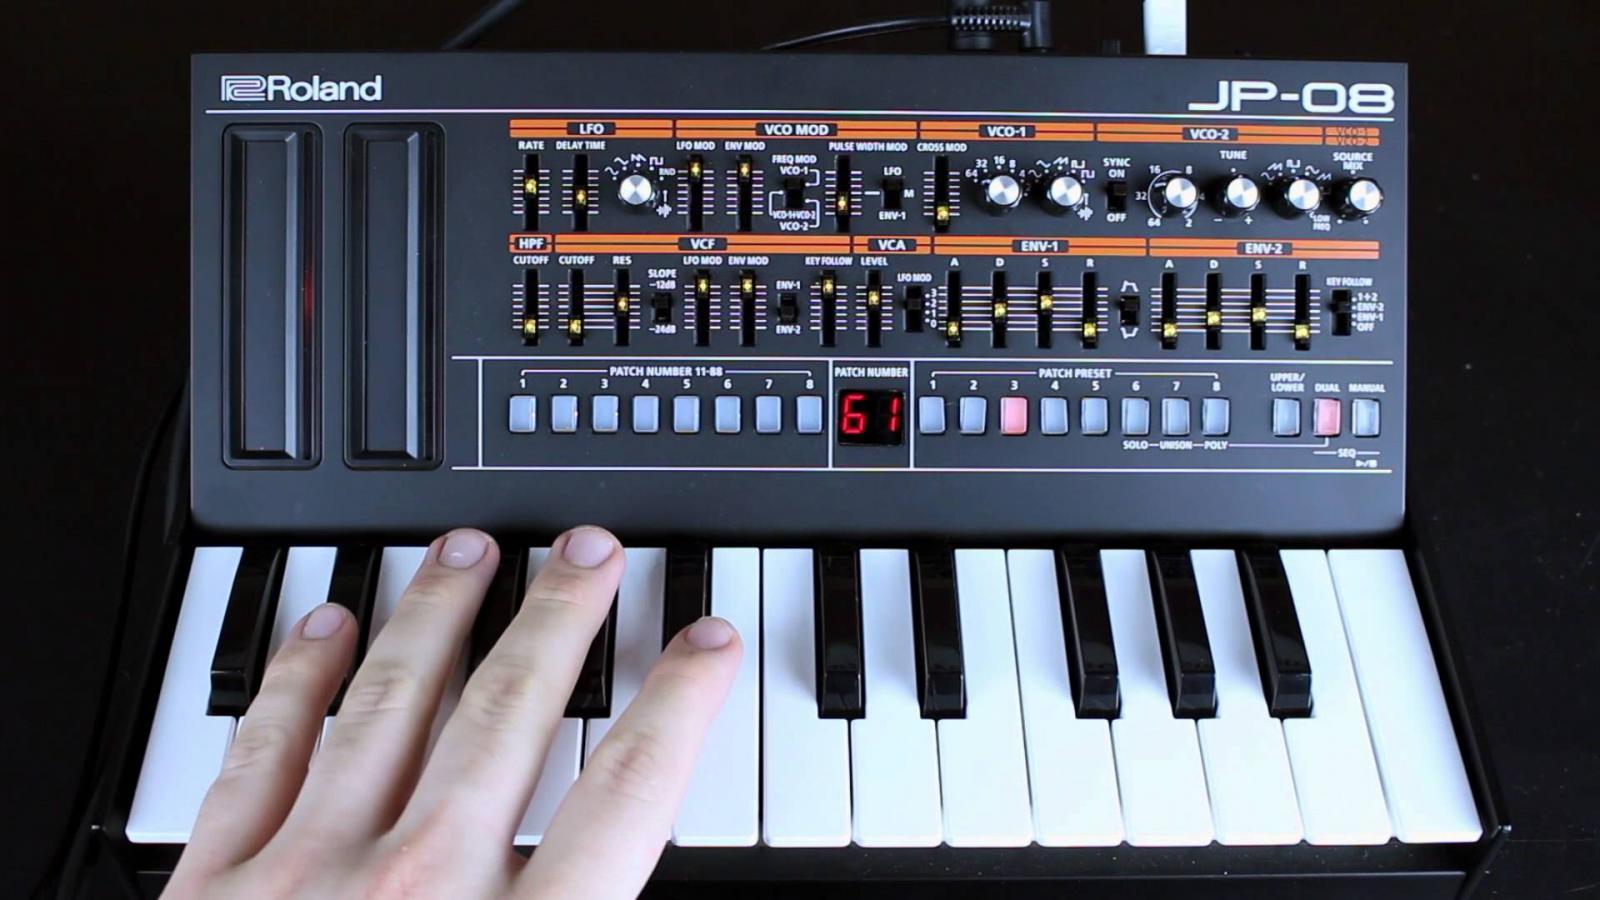 JP-08 hoạt động hiệu quả với bàn phím K-25m